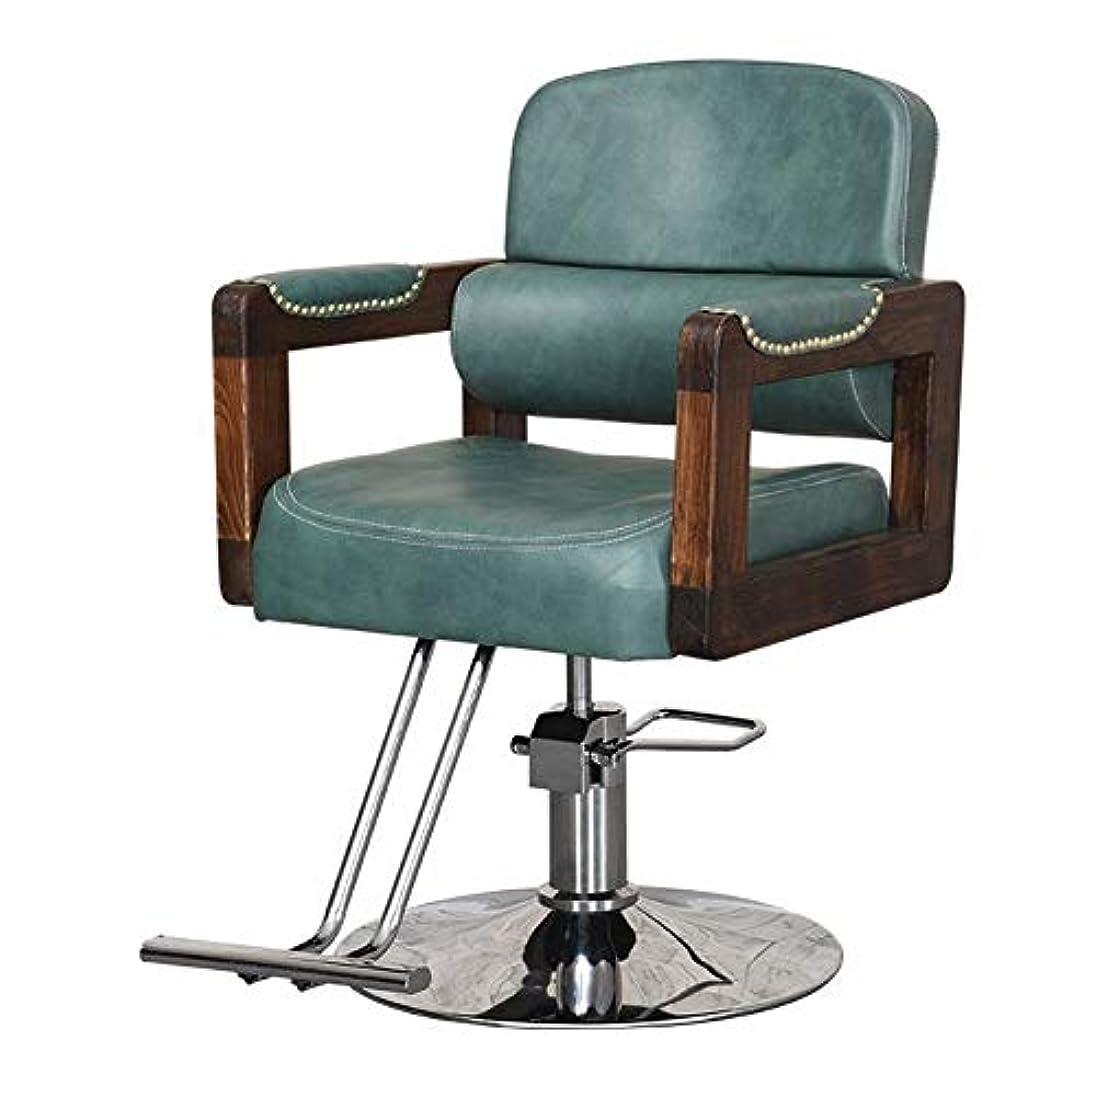 知的なんでも共同選択サロンの椅子は専門の油圧理髪店の椅子の大広間の美容院の鉱泉のモデリングチェアの円形の基盤を持ち上げるために回すことができます,Brown,B